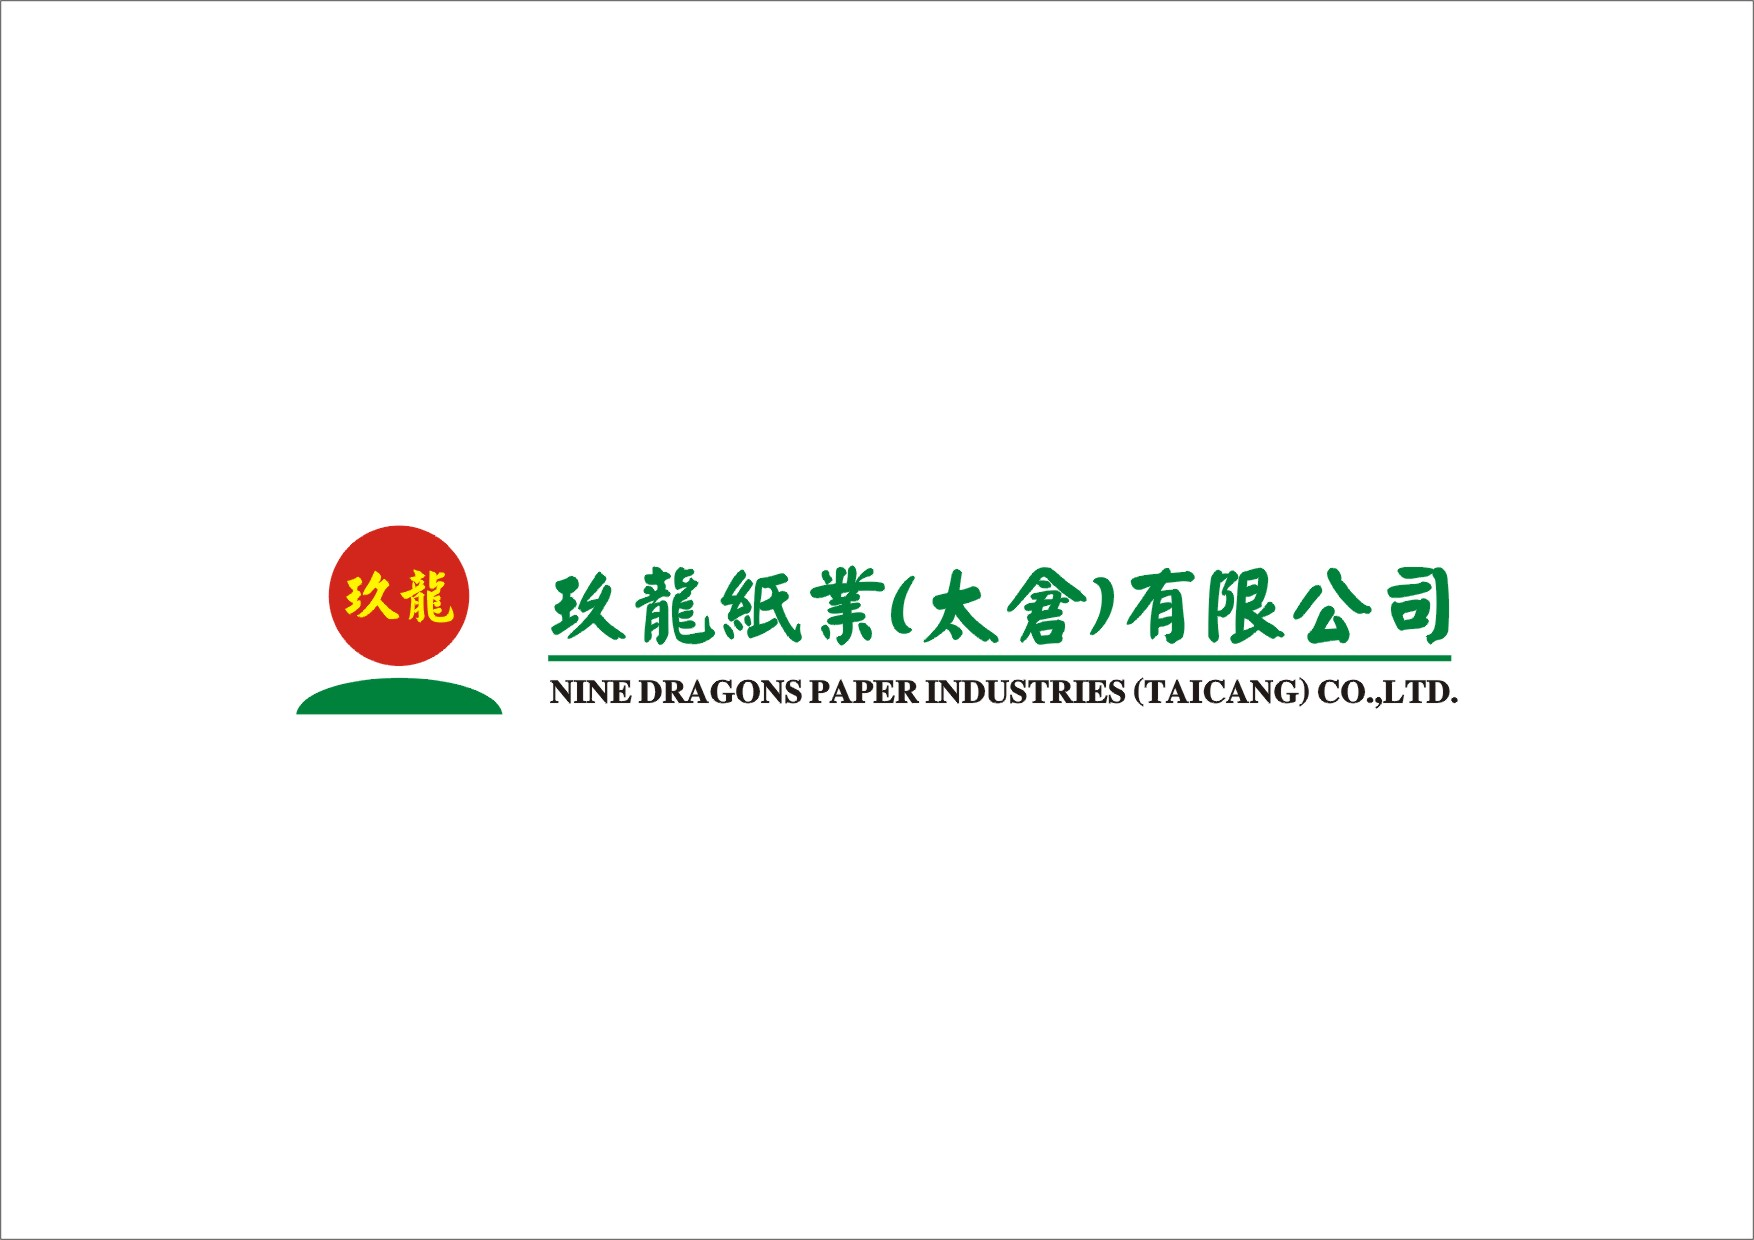 玖龍紙業(太倉)有限公司